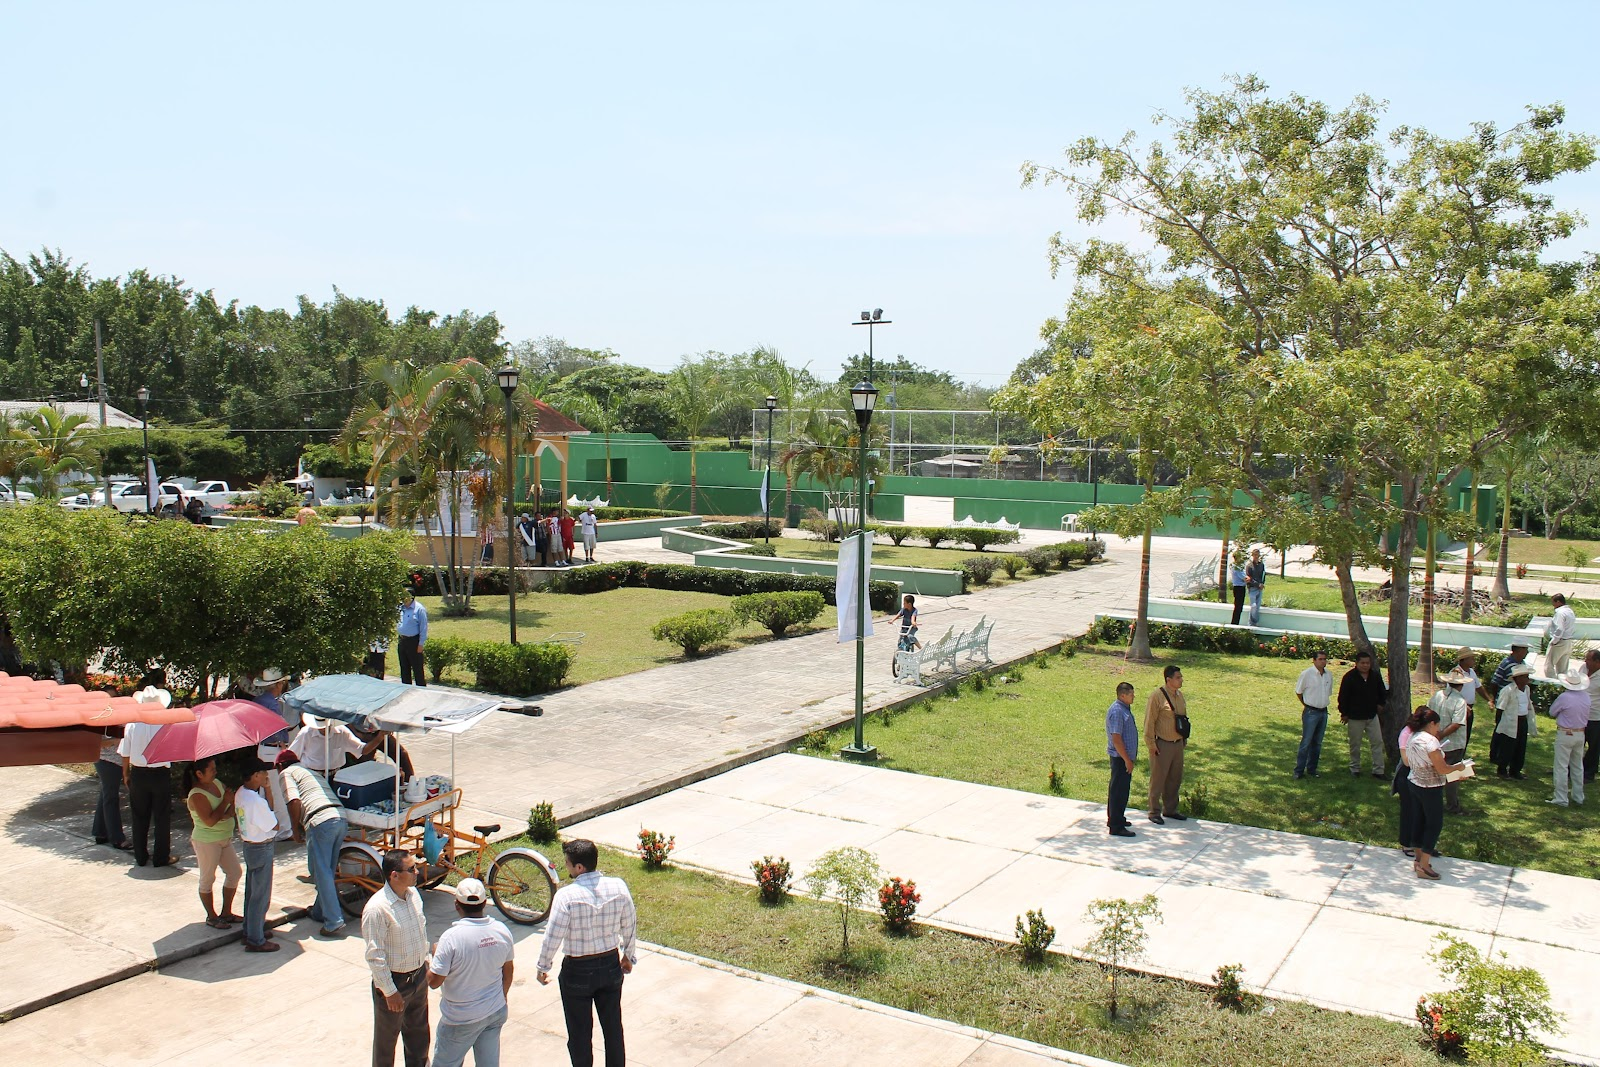 Gobcol entregan remodelaci n de jard n en buenavista for Remodelacion de jardines